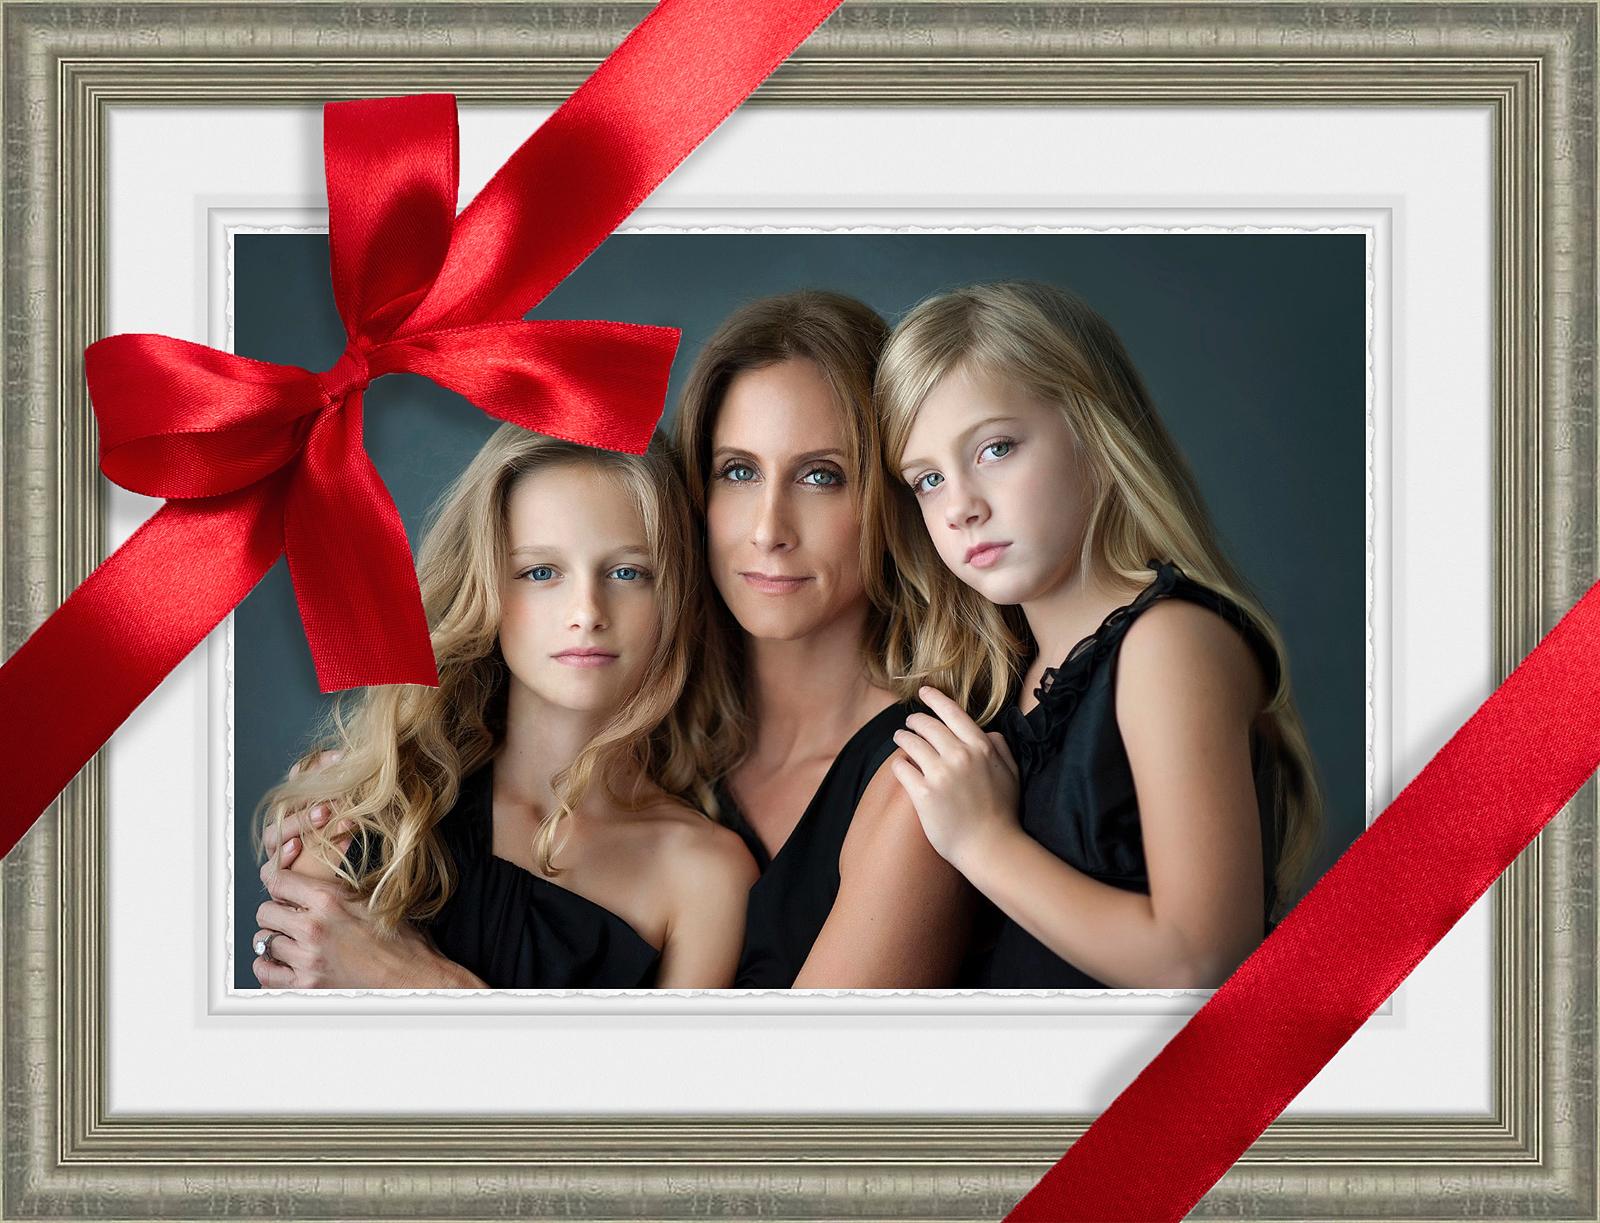 Framed Gift web.jpg